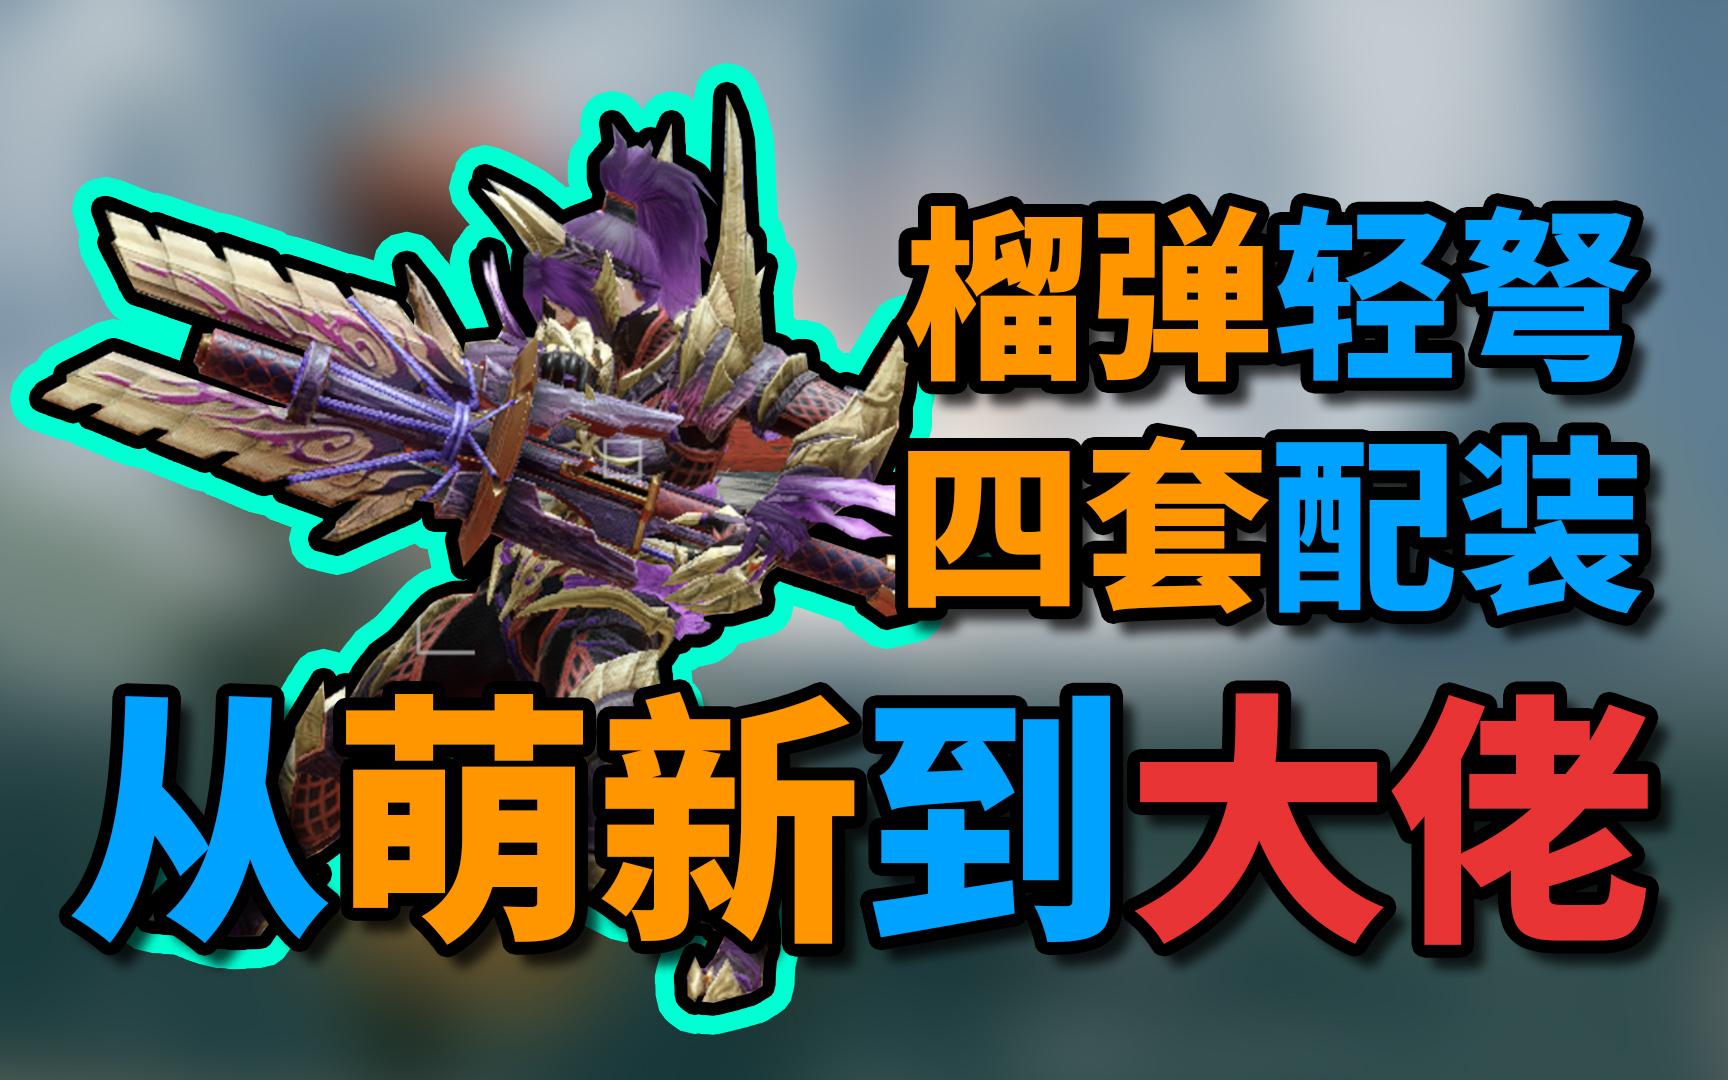 【怪物猎人崛起】榴弹轻弩四套毕业配装,怨虎龙见了撒娇打滚!